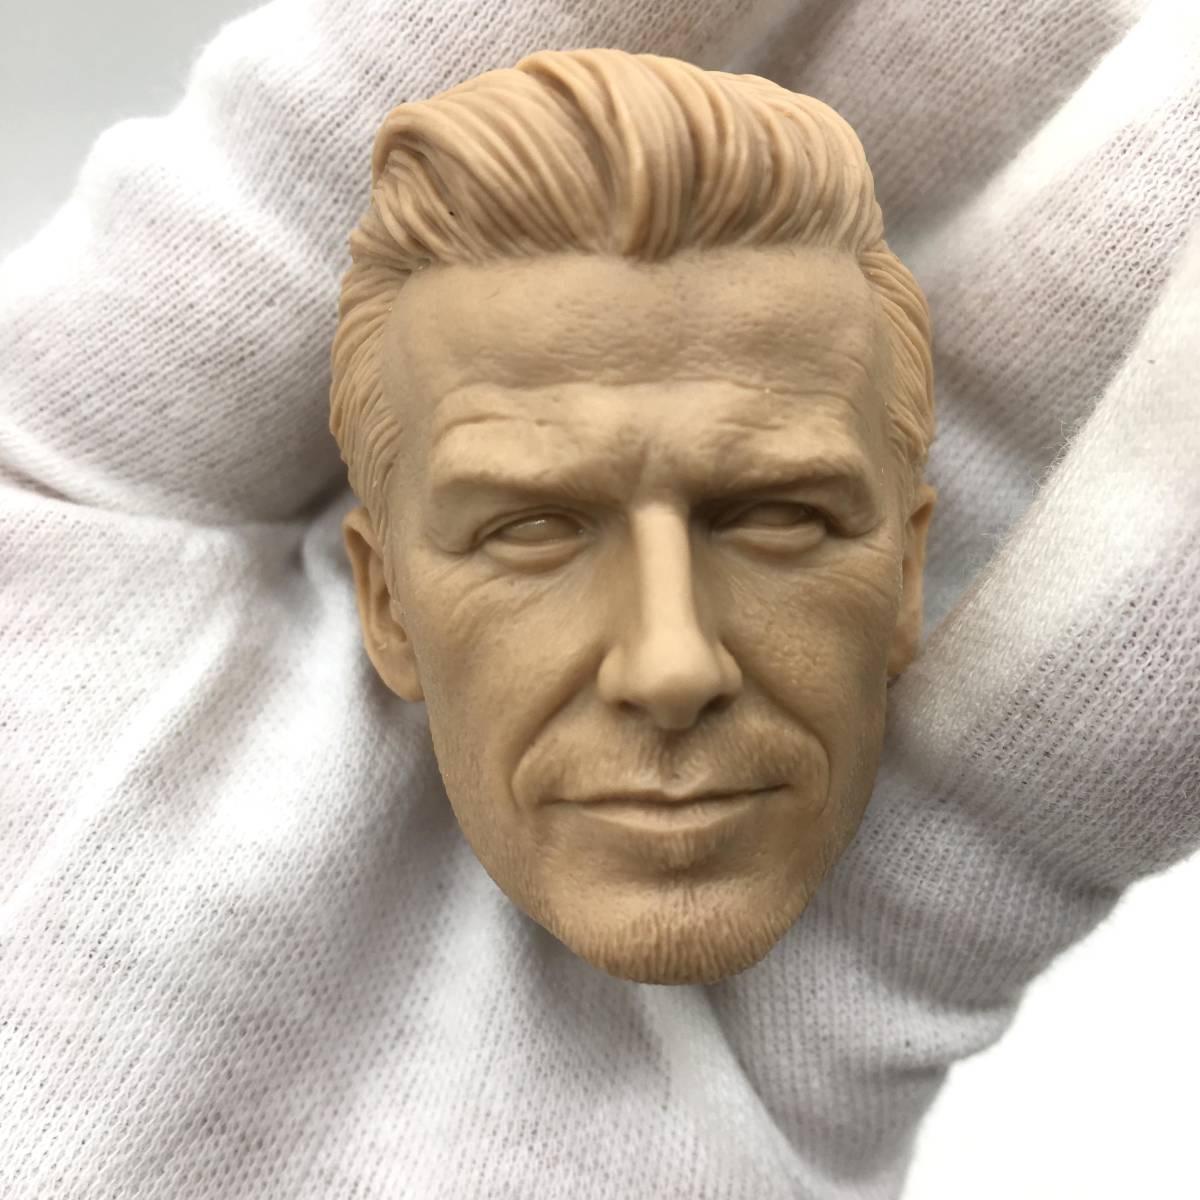 送料無料 1/6 DIY ヘッド 手作り 未塗装男性ヘッド デビッド・ベッカム 番号B32_画像1